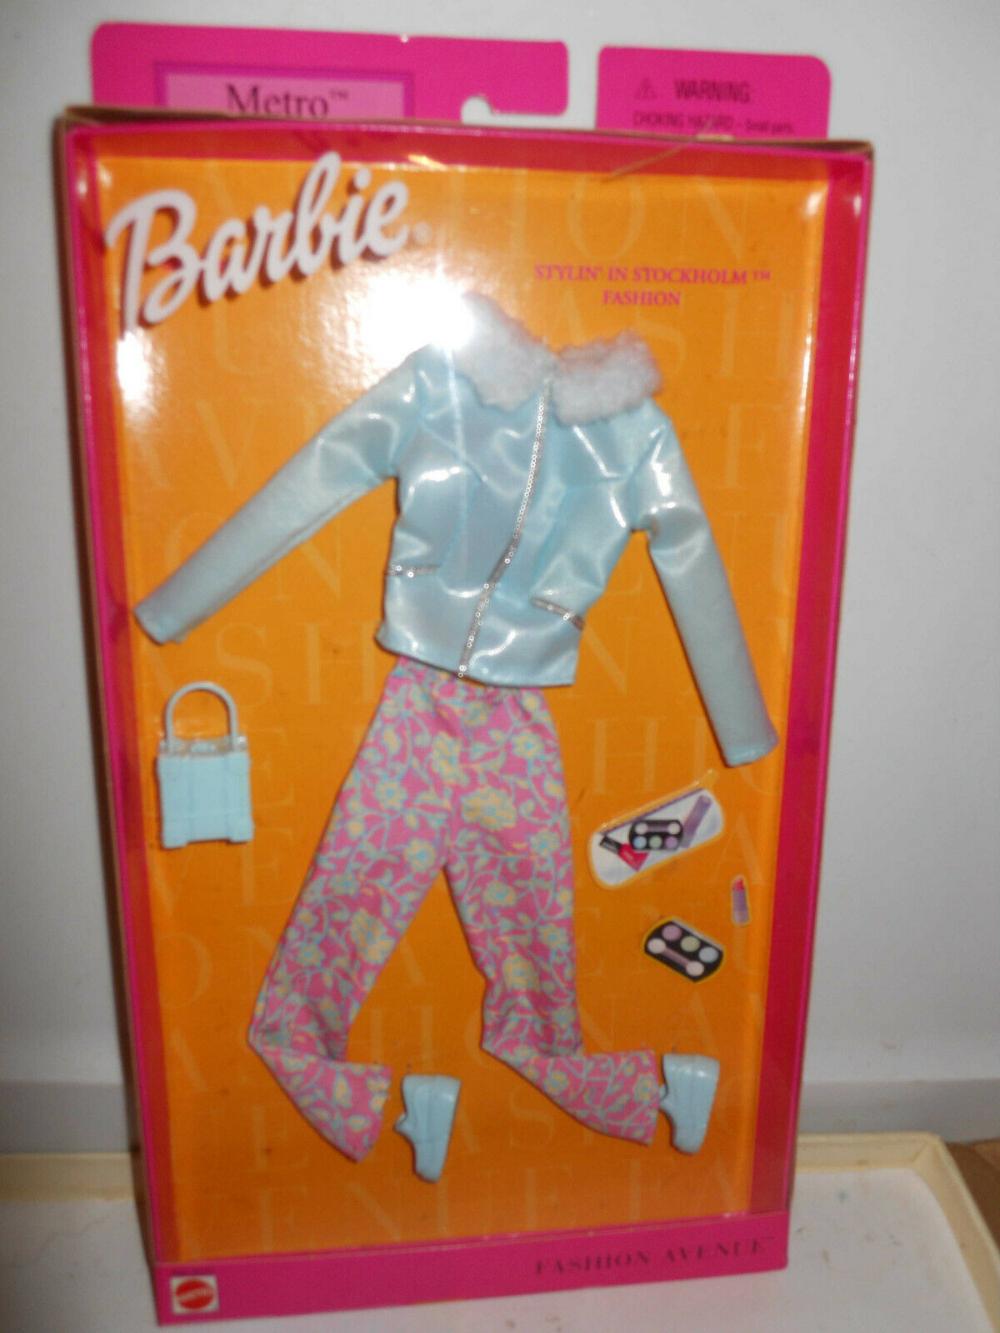 *P330 NIB BARBIE DOLL 1985 VINTAGE FASHION FUN 2090 PINK RARE!